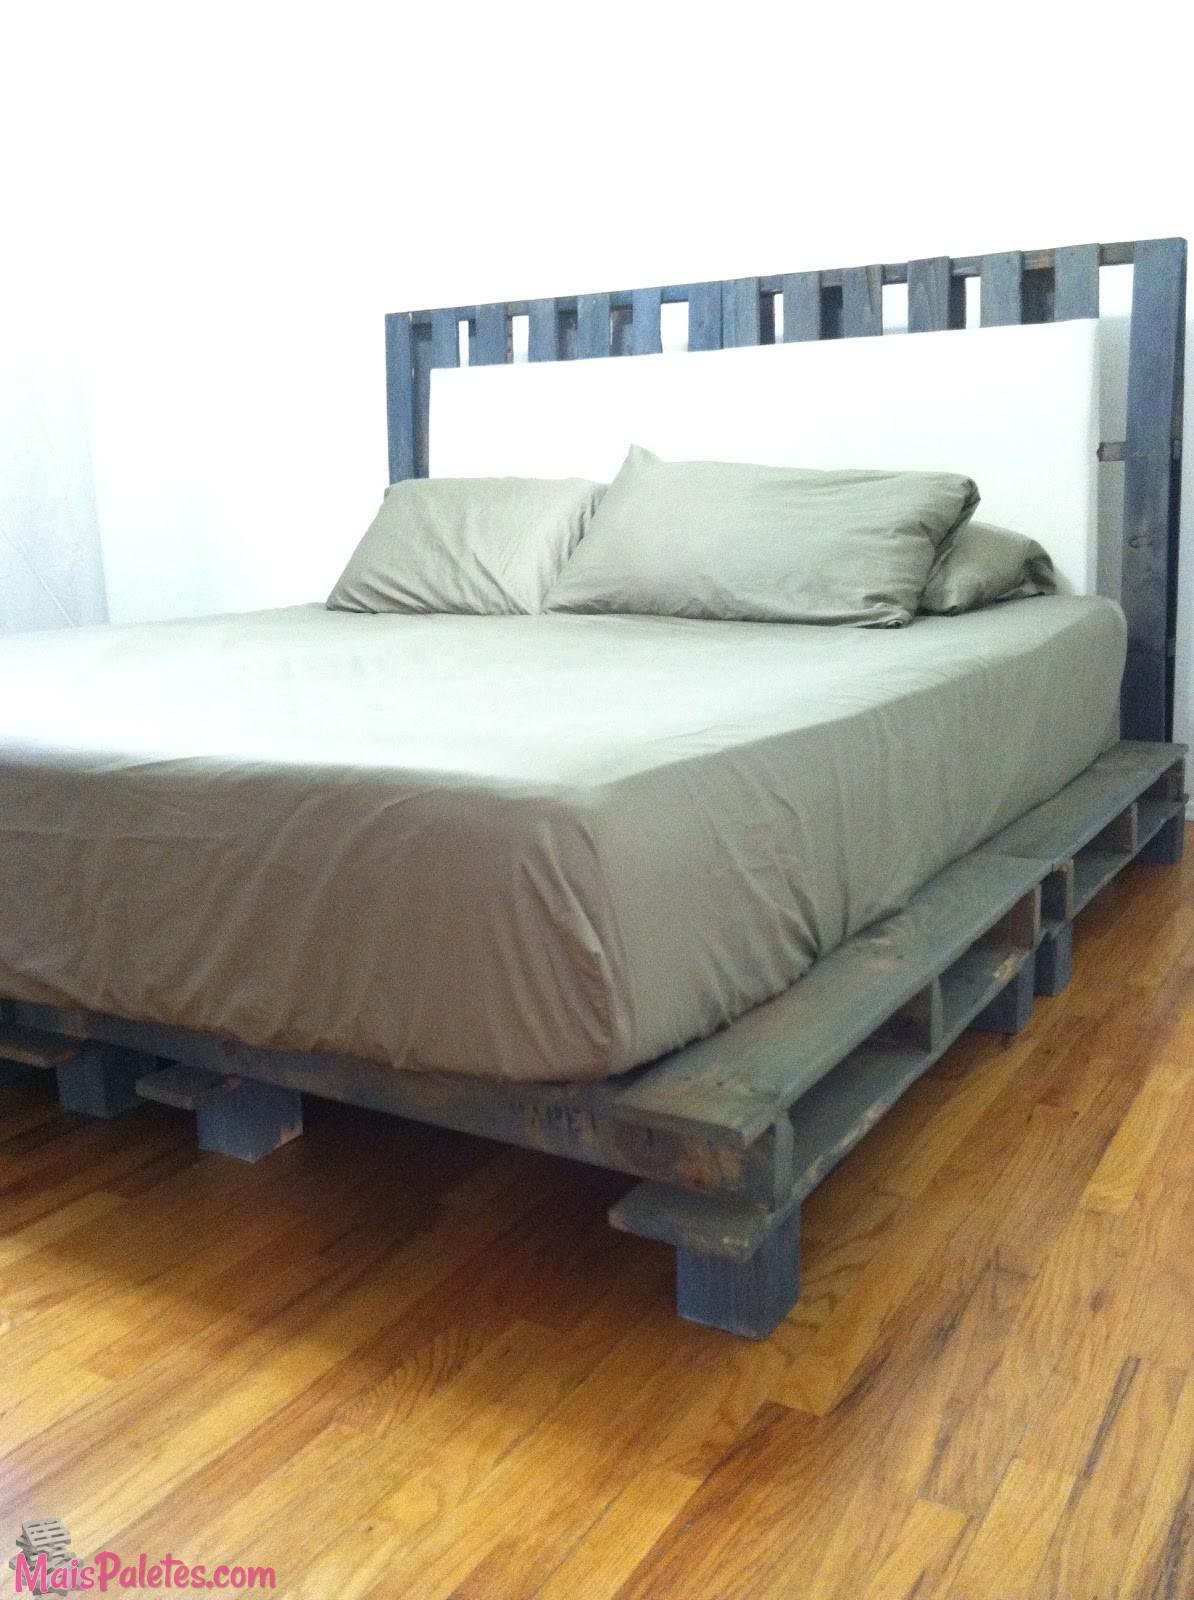 Diy queen bed frame plans - N 227 O Deixe De Querer Um Quarto De Sonho S 243 Porque O Or 231 Amento 233